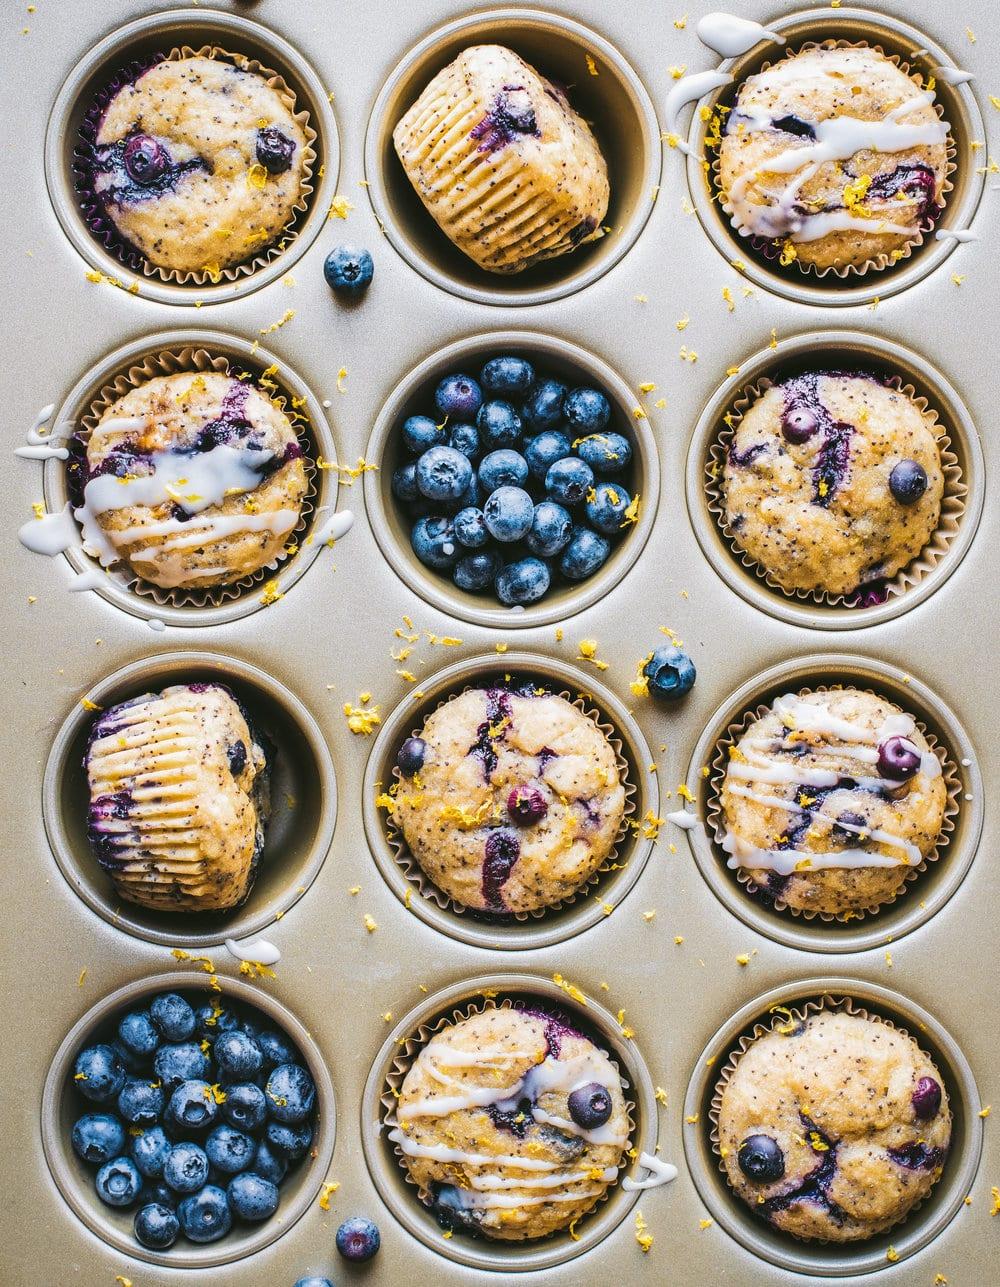 Vegan Blueberry Lemon Poppy Seed Muffins